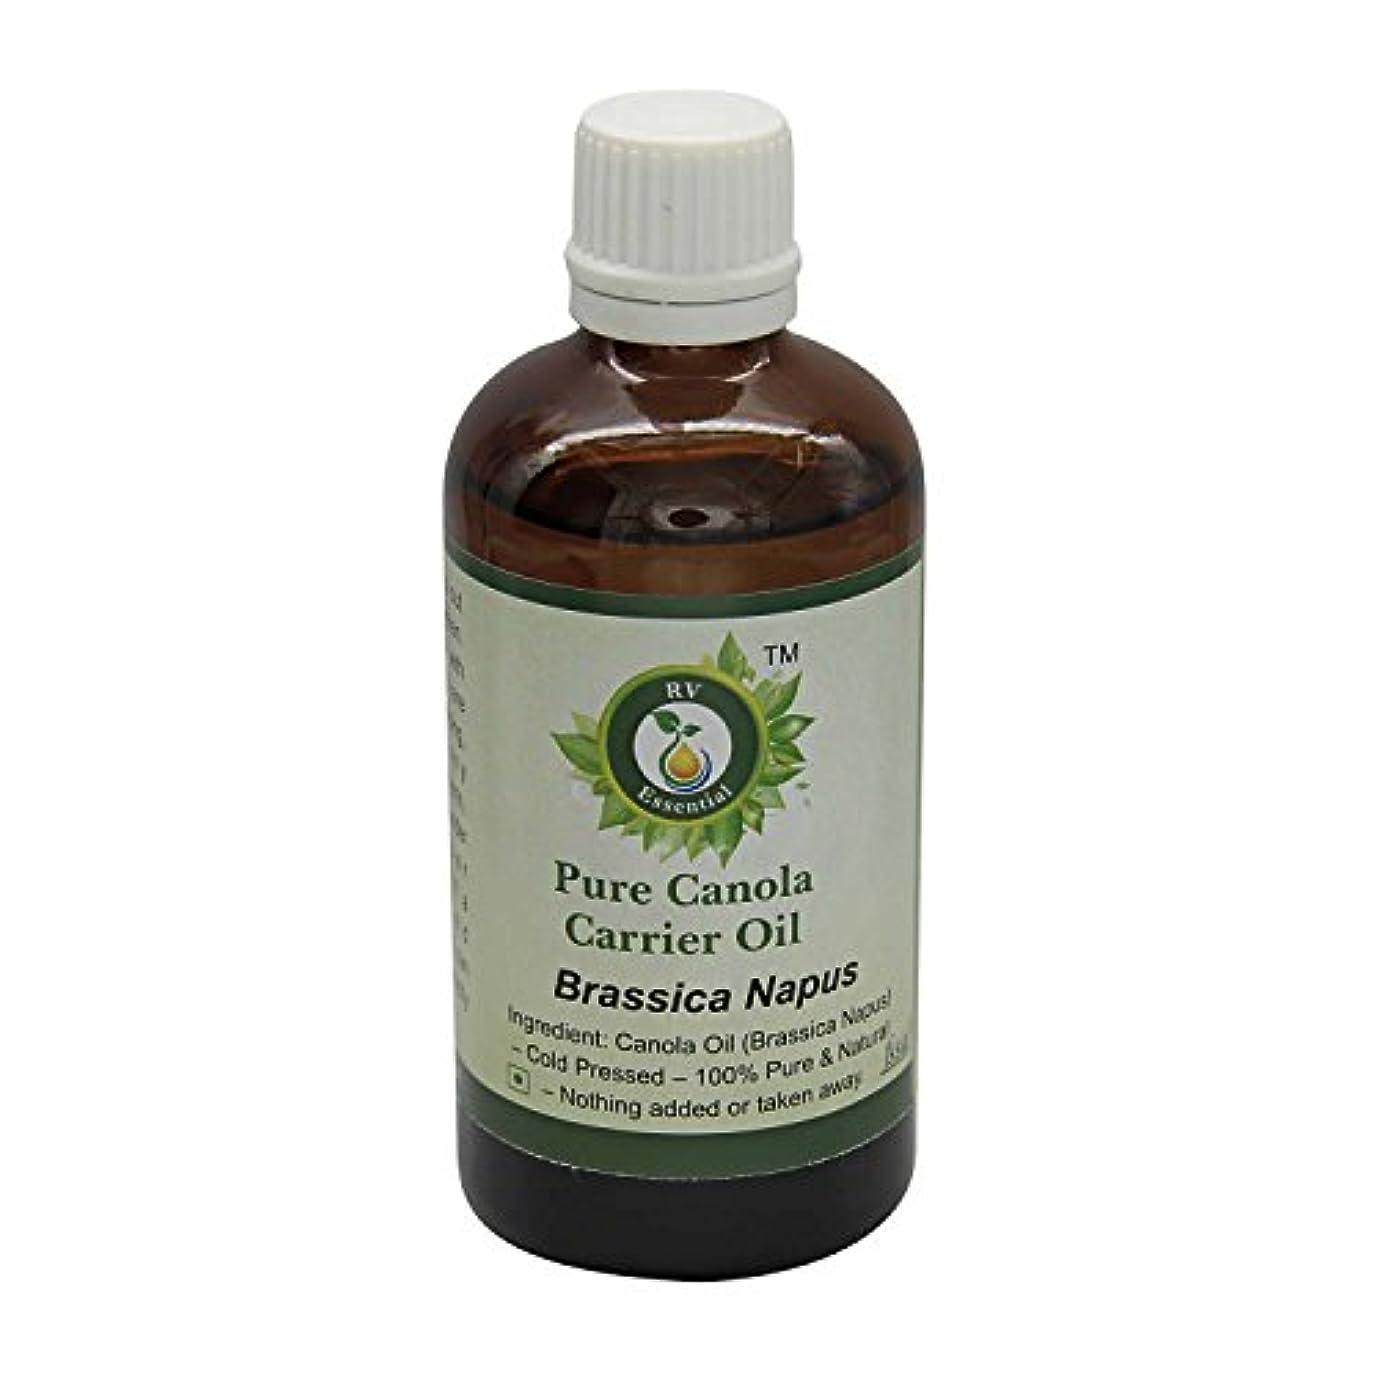 確認してください正当化するアンカーR V Essential 純粋なキャノーラキャリアオイル10ml (0.338oz)- Brassica Napus (100%ピュア&ナチュラルコールドPressed) Pure Canola Carrier Oil